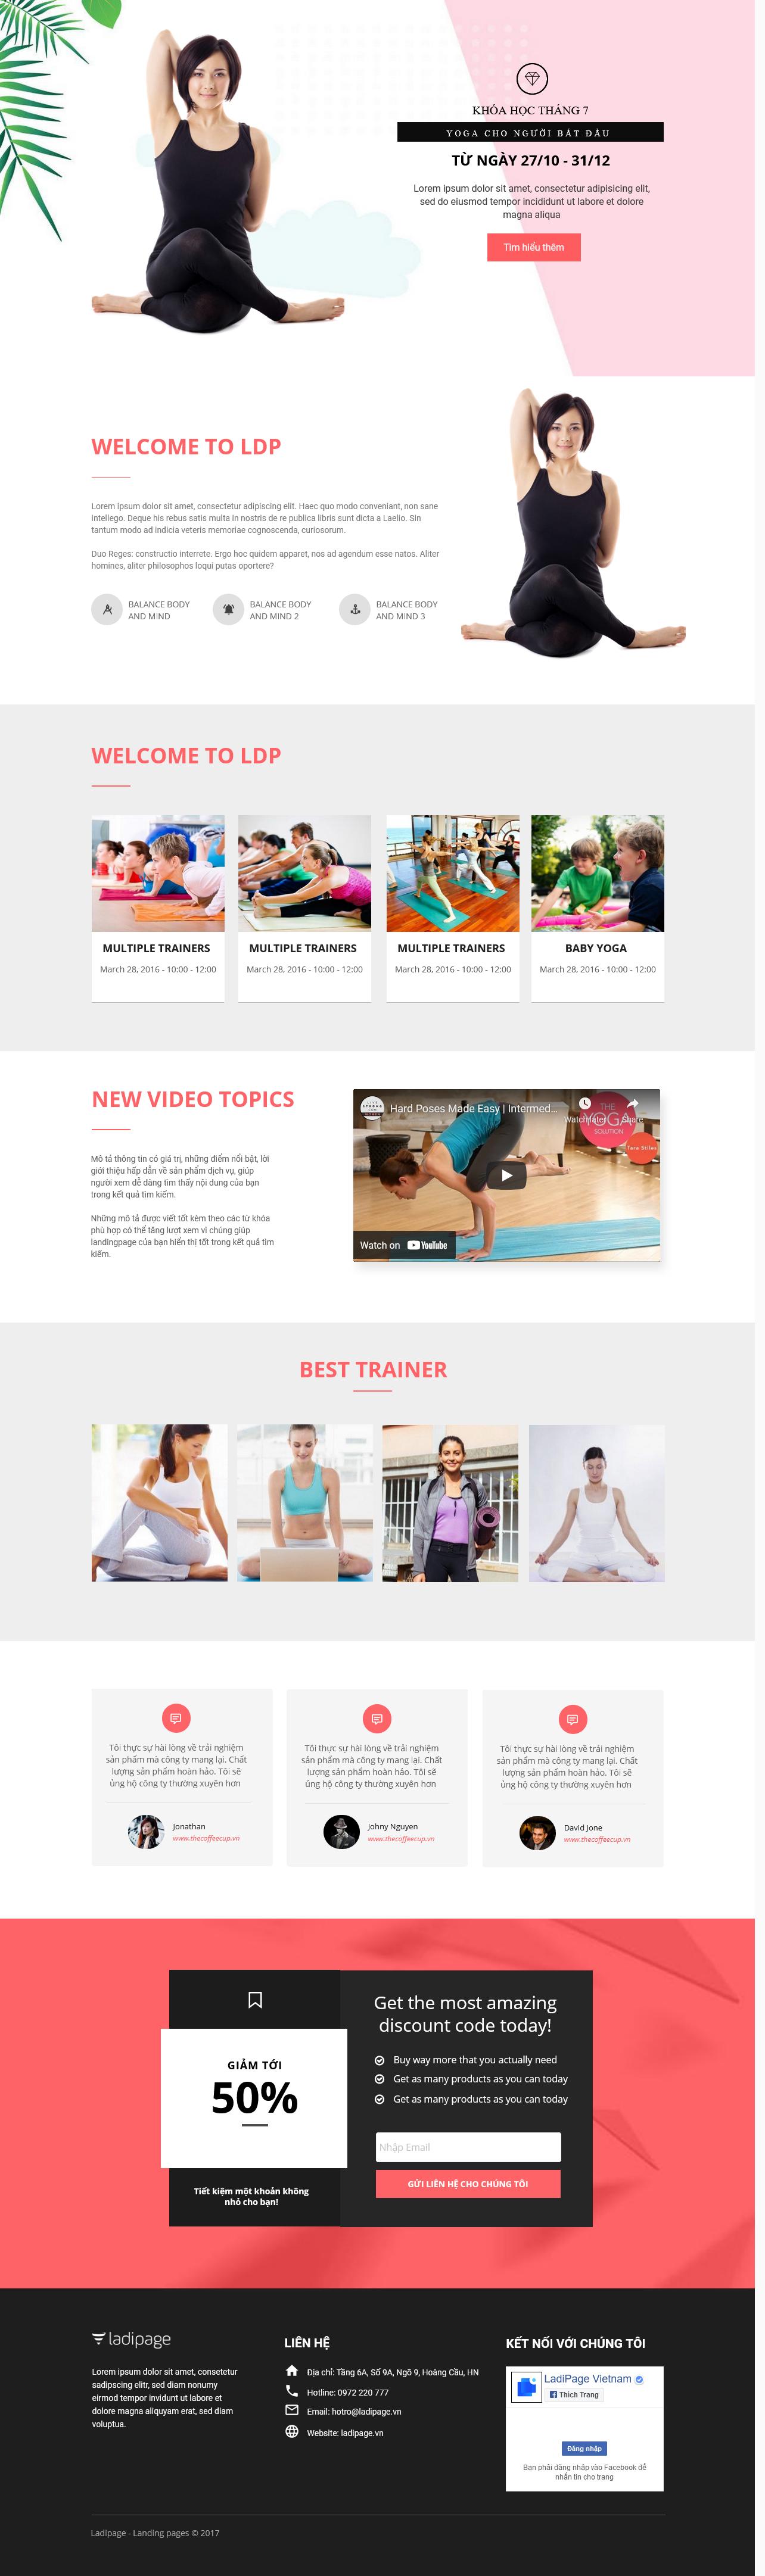 Thiết kế website Thiết kế webiste landingpage giao-duc---du-hoc---nghien-cuu Giáo dục Đào tạo 27